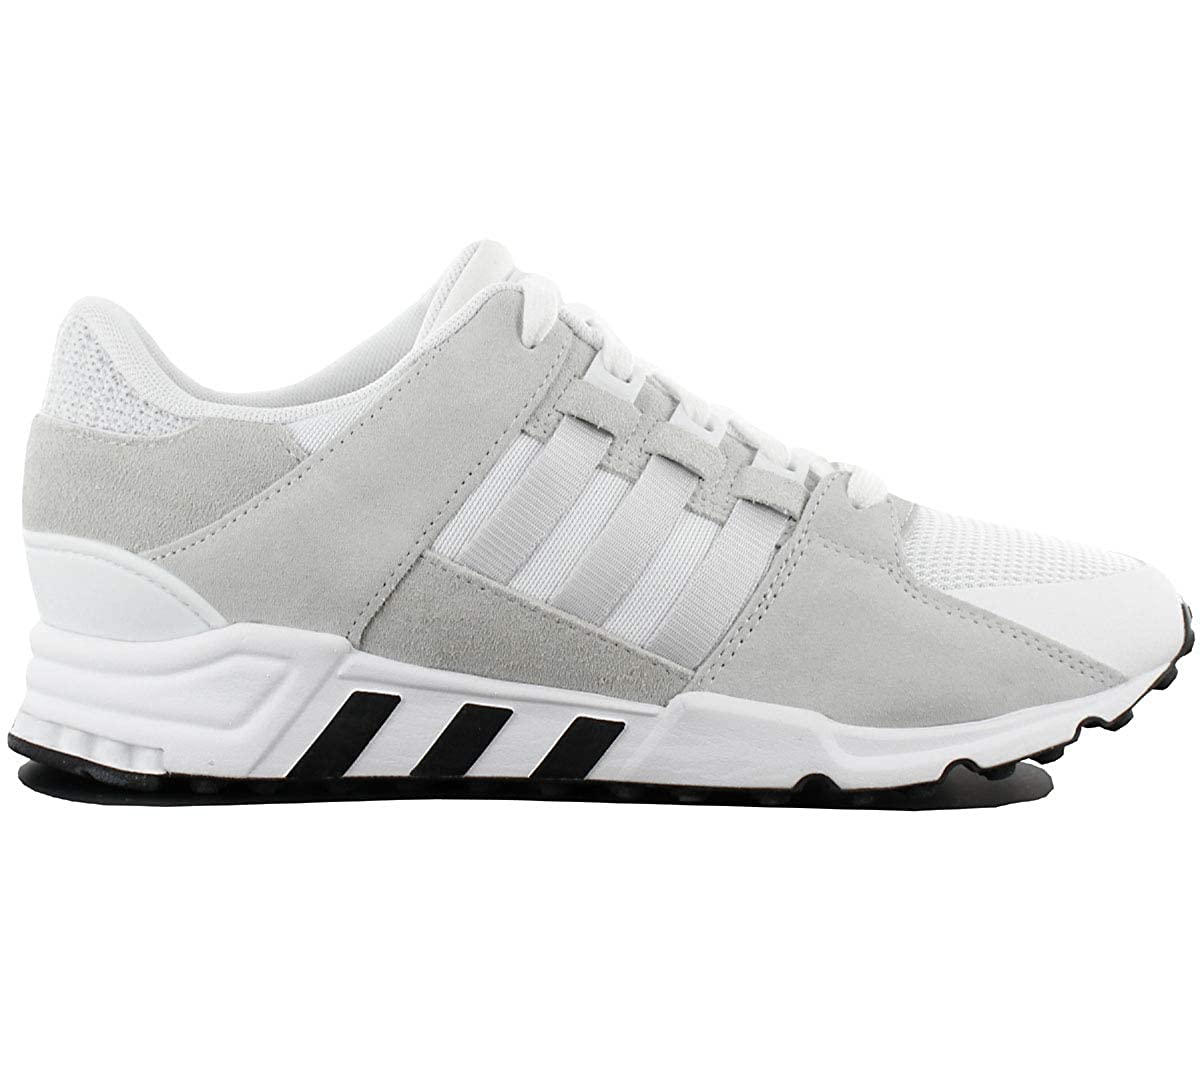 Adidas Herren EQT Support Rf Fitnessschuhe weiß